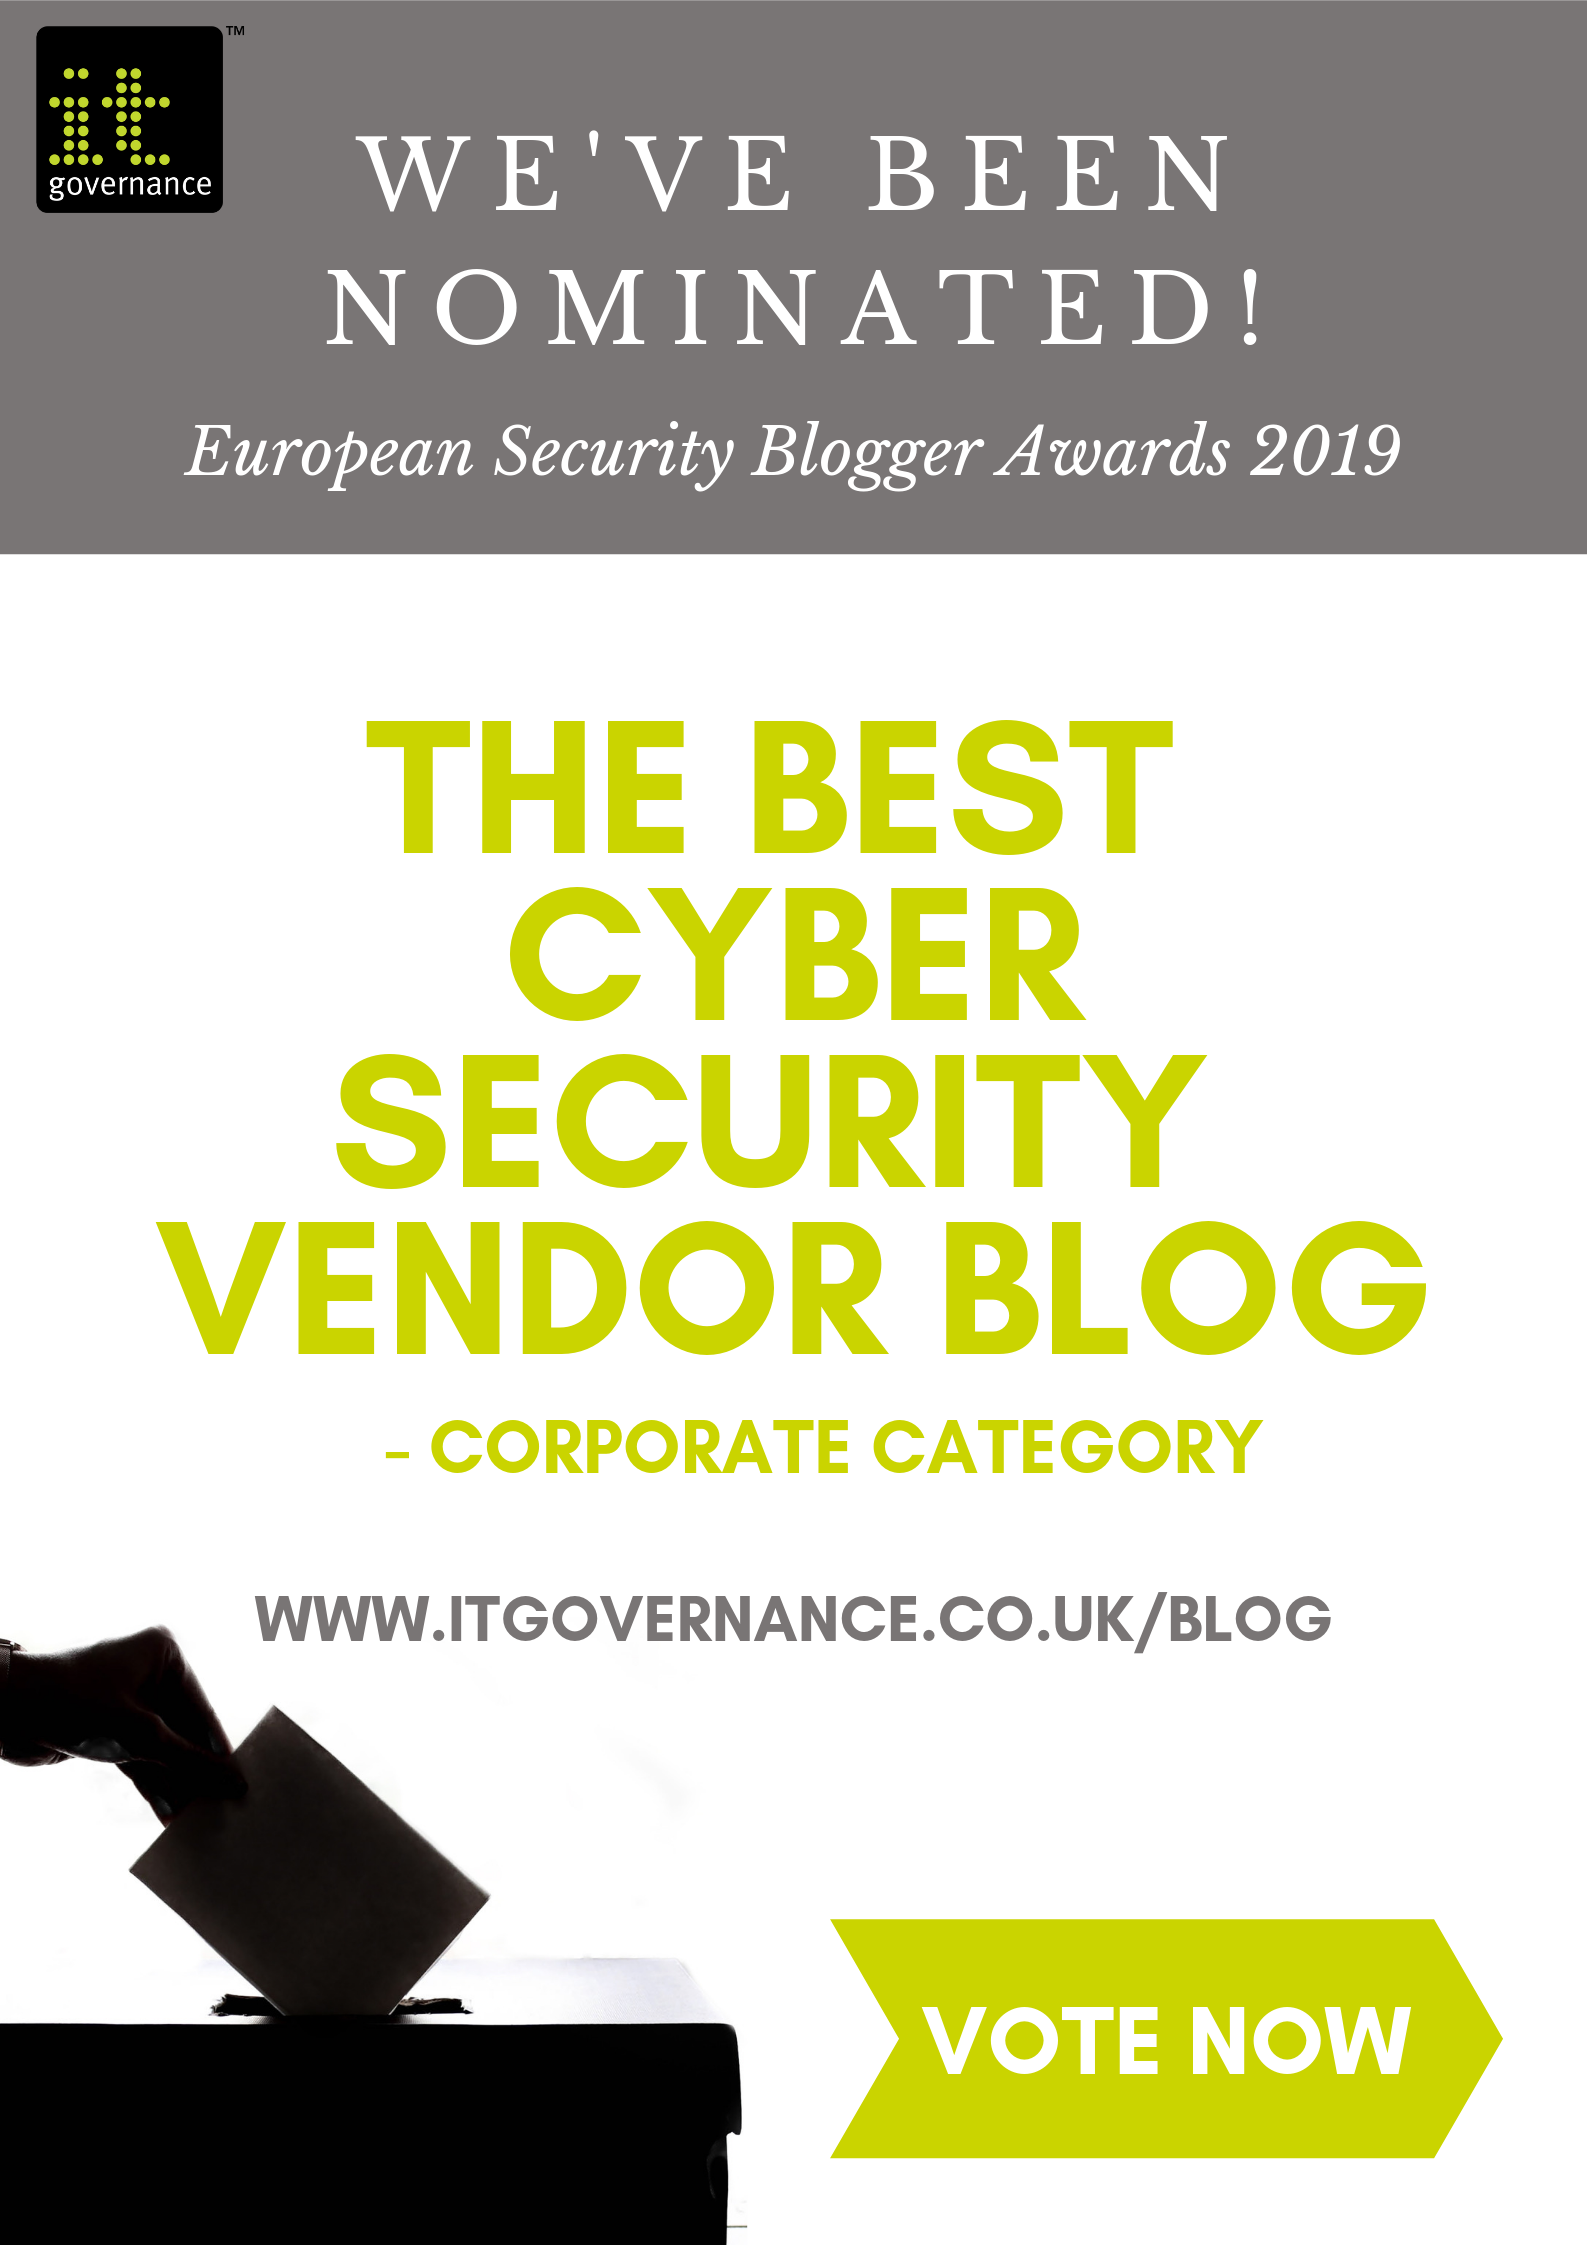 EU blog nomination